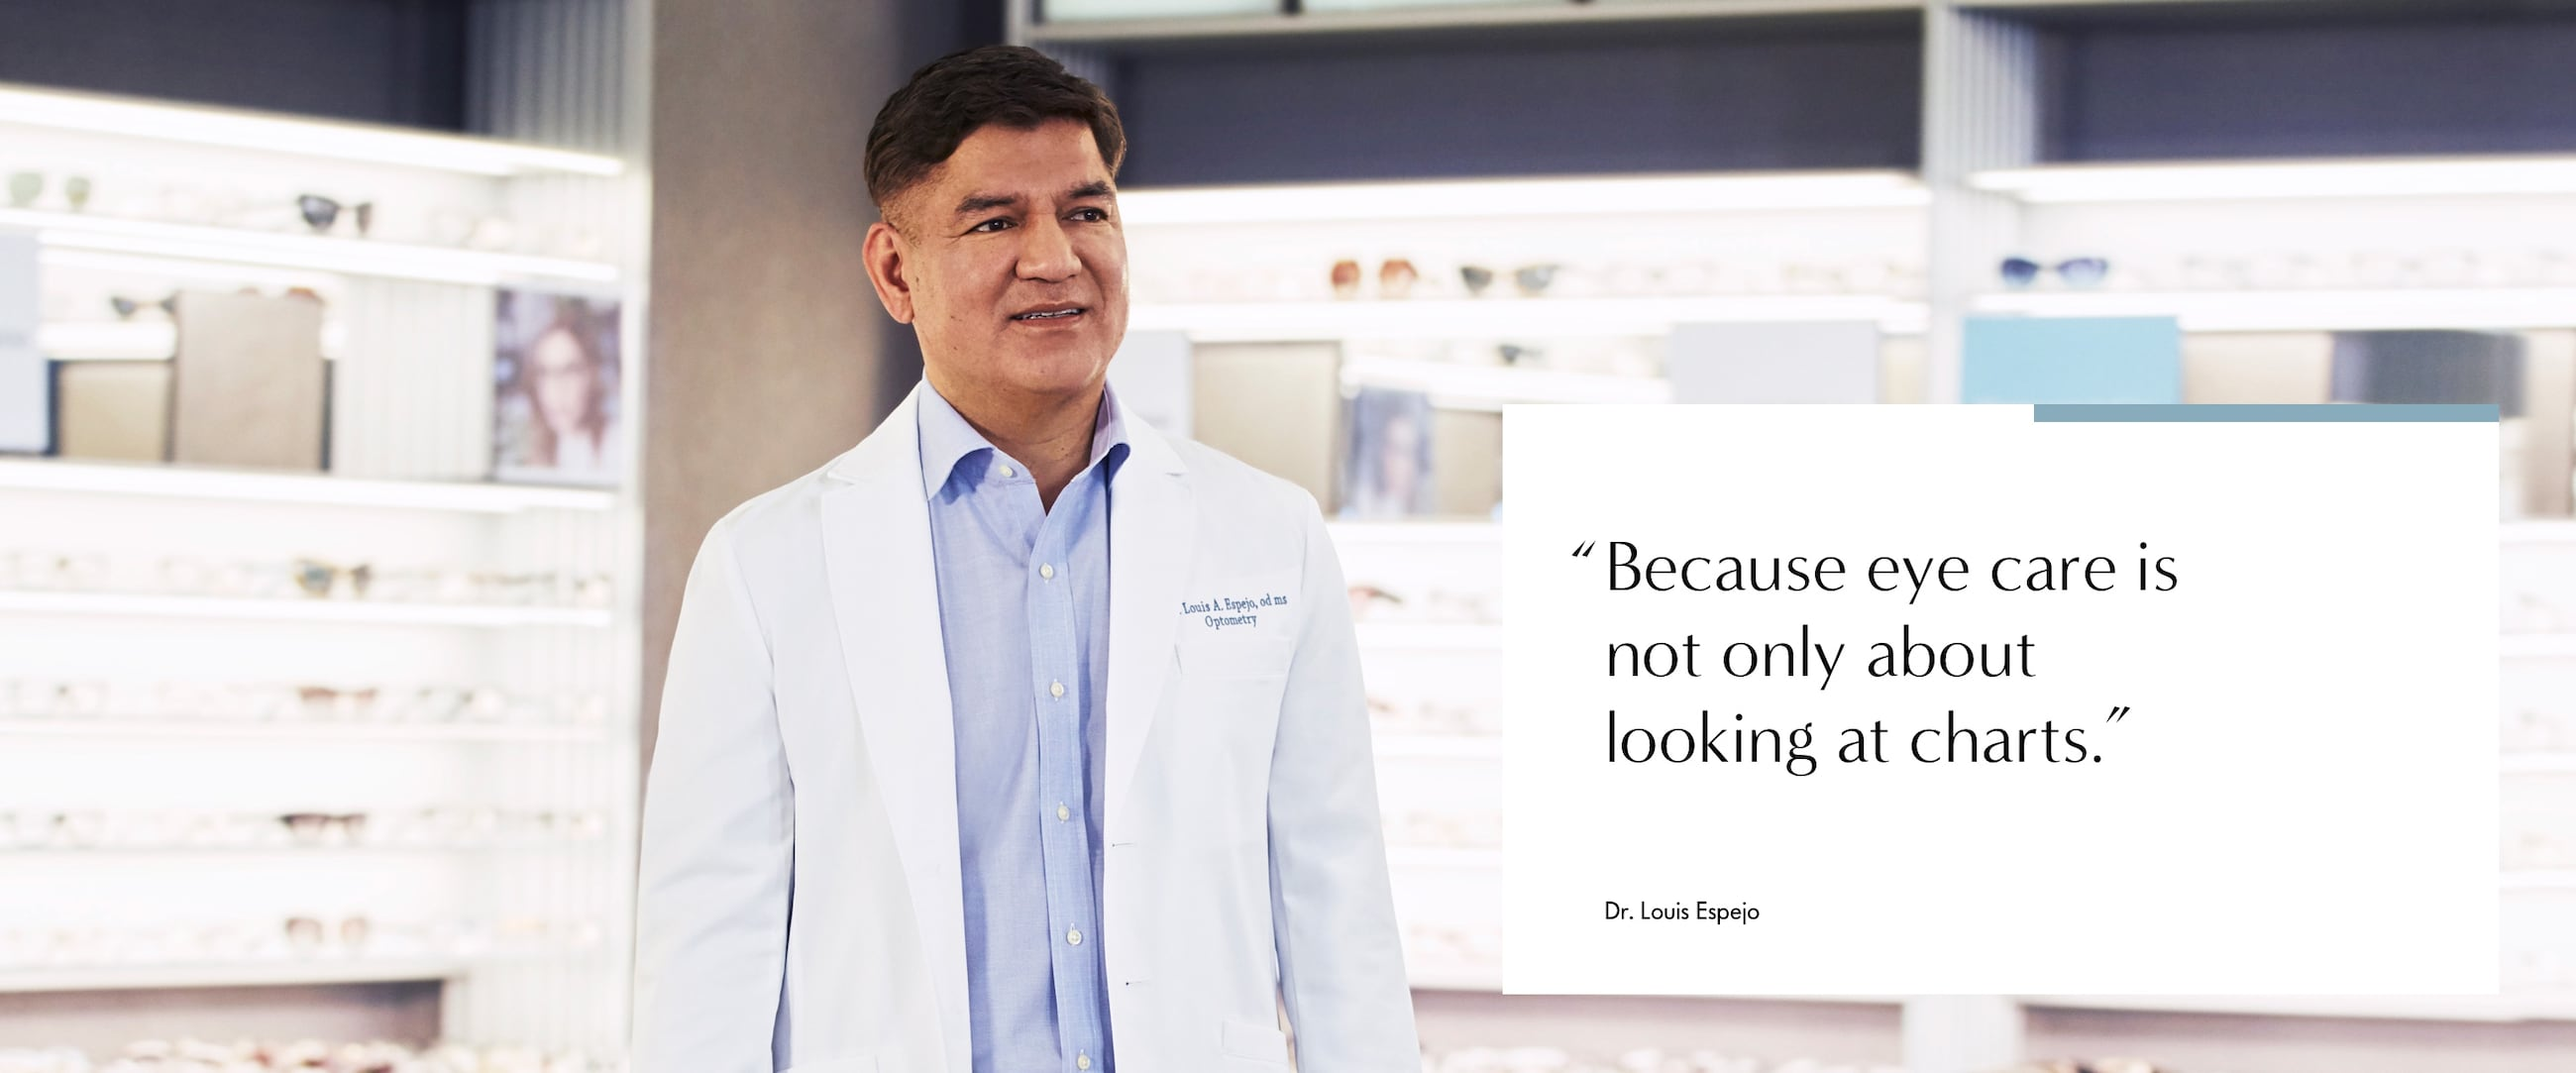 Doctor Espejo image